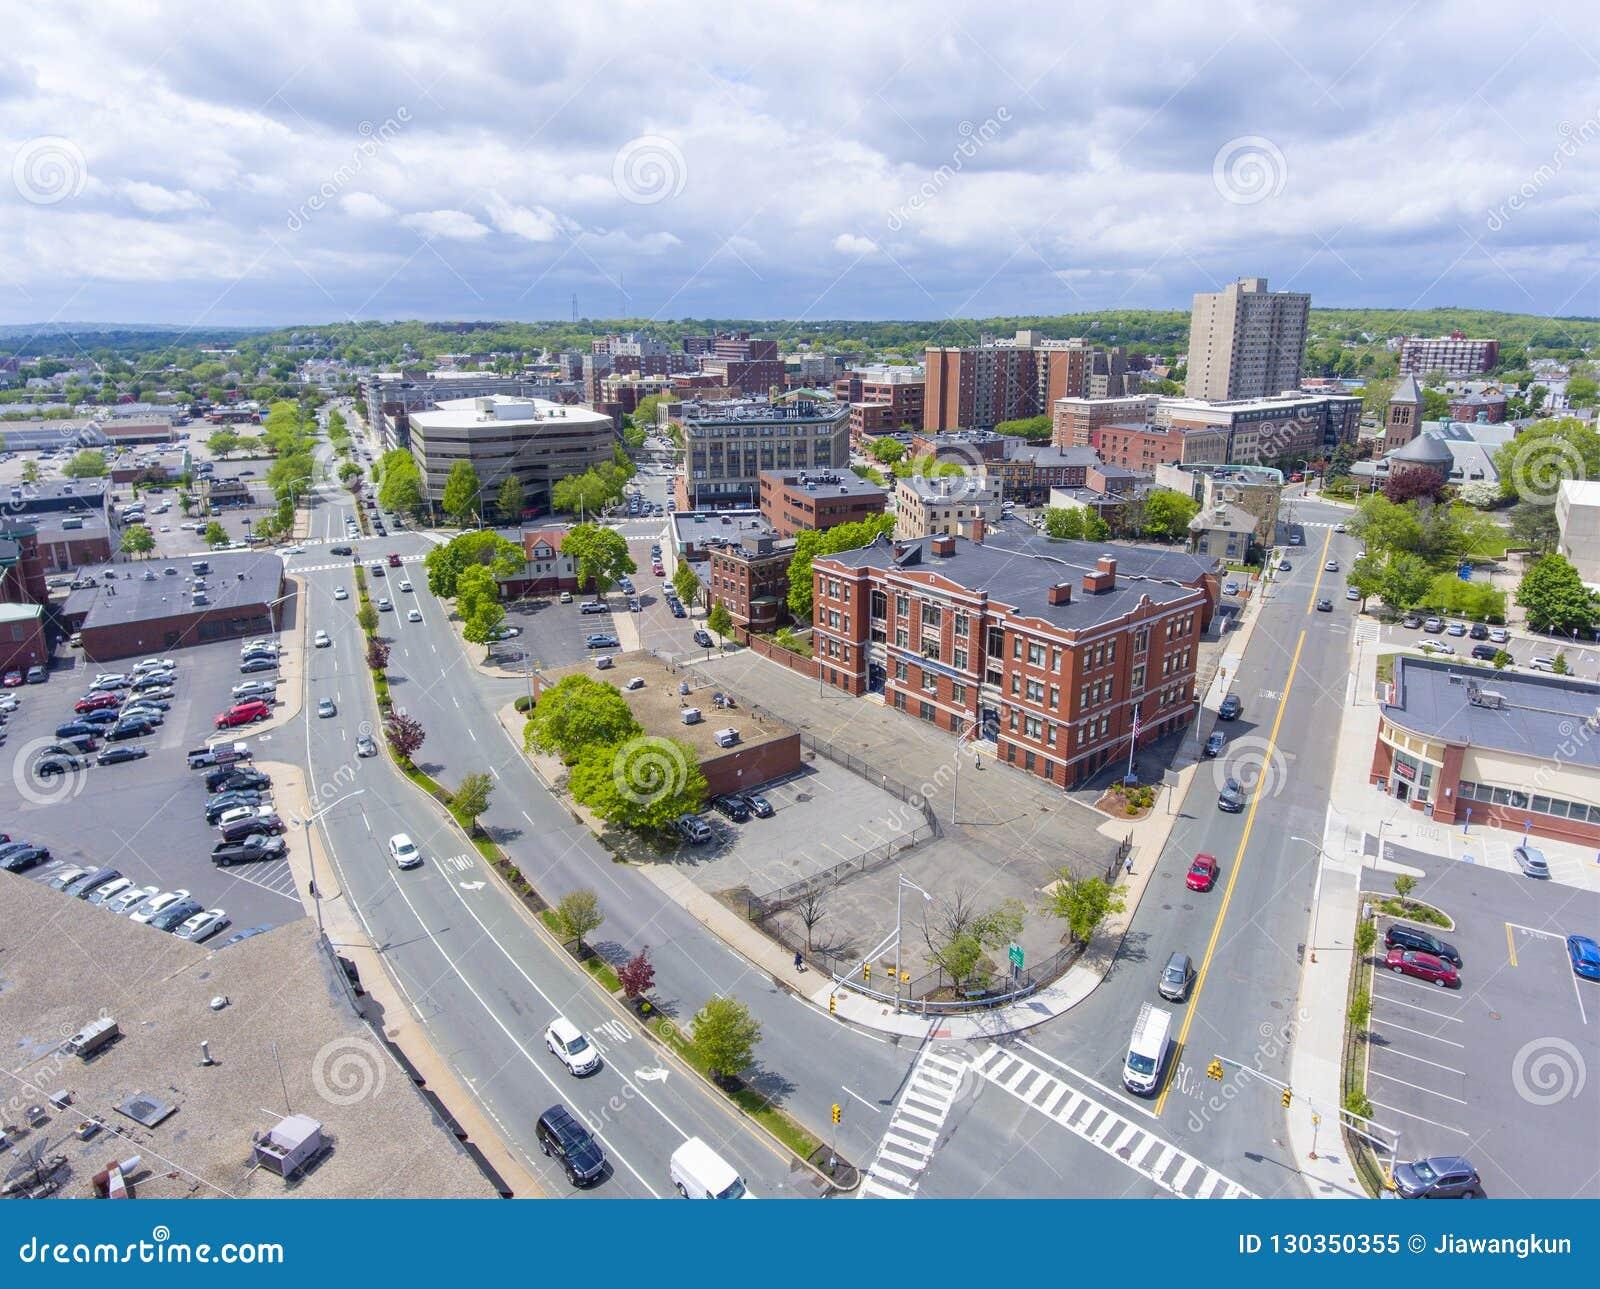 Scuola di Cheverus a Malden, Massachusetts, U.S.A.